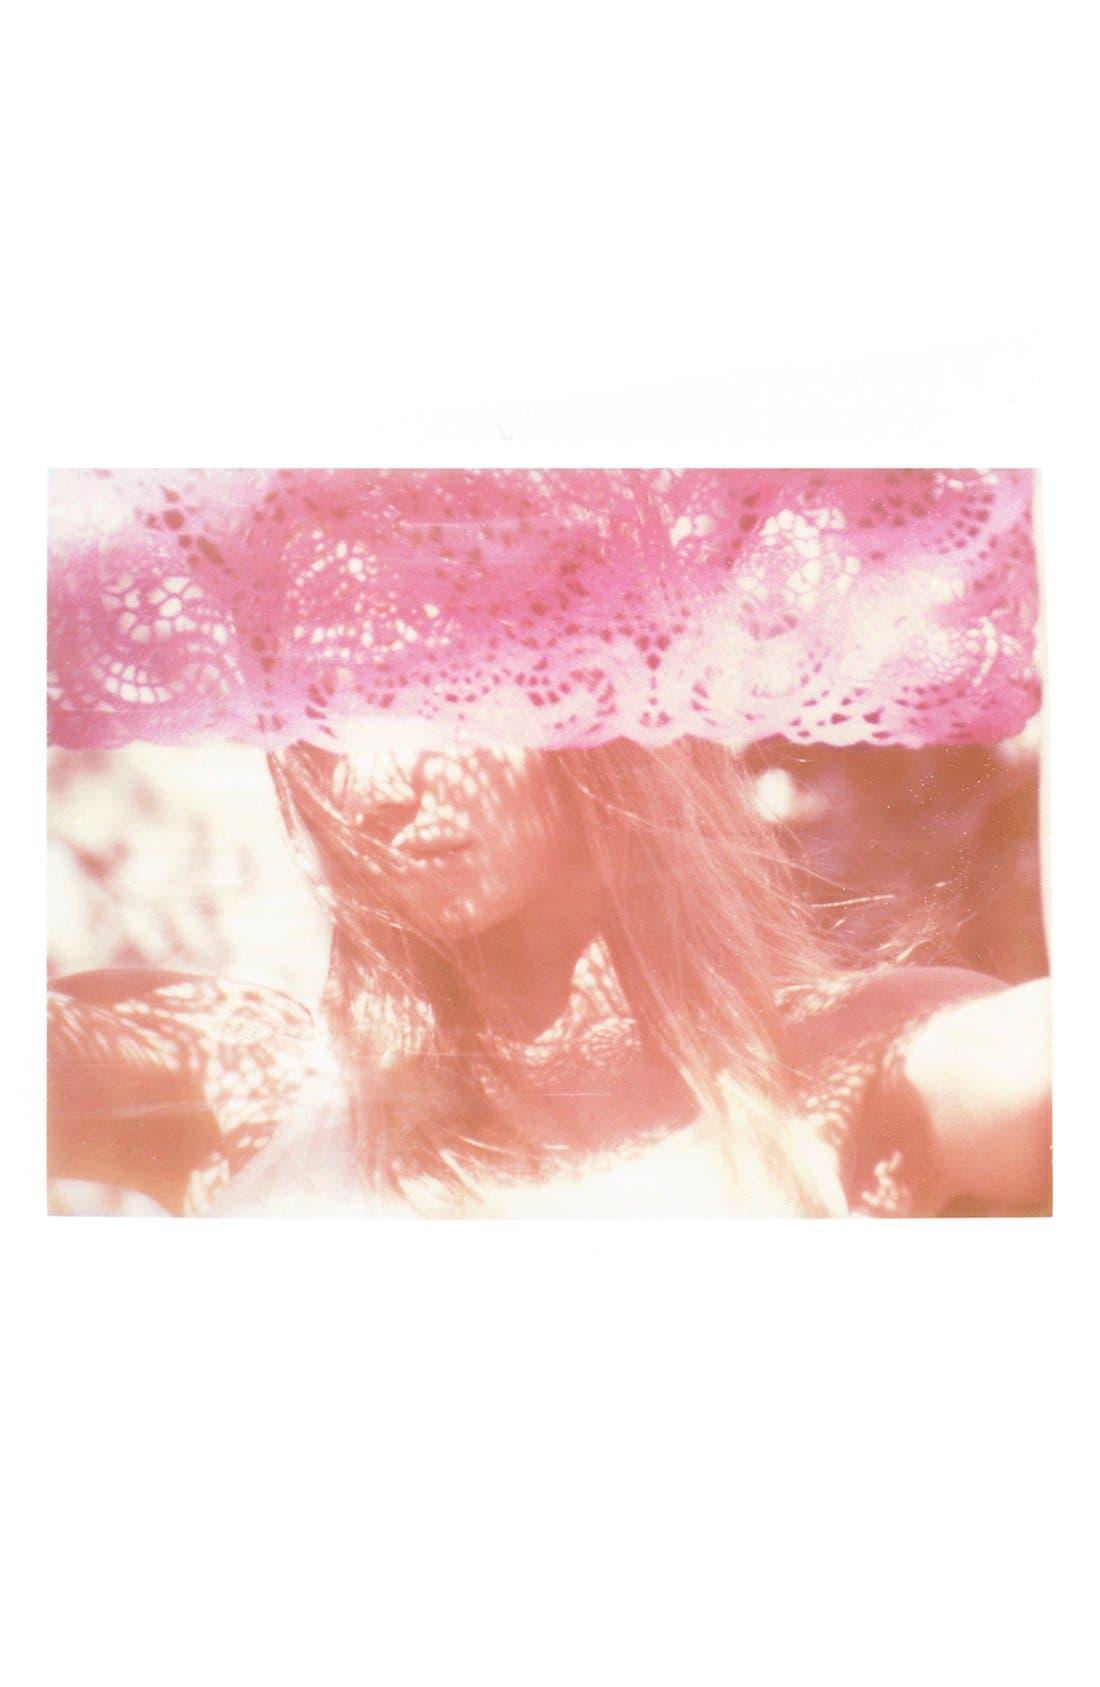 Main Image - She Hit Pause Studios 'Pink Shadows' Wall Art